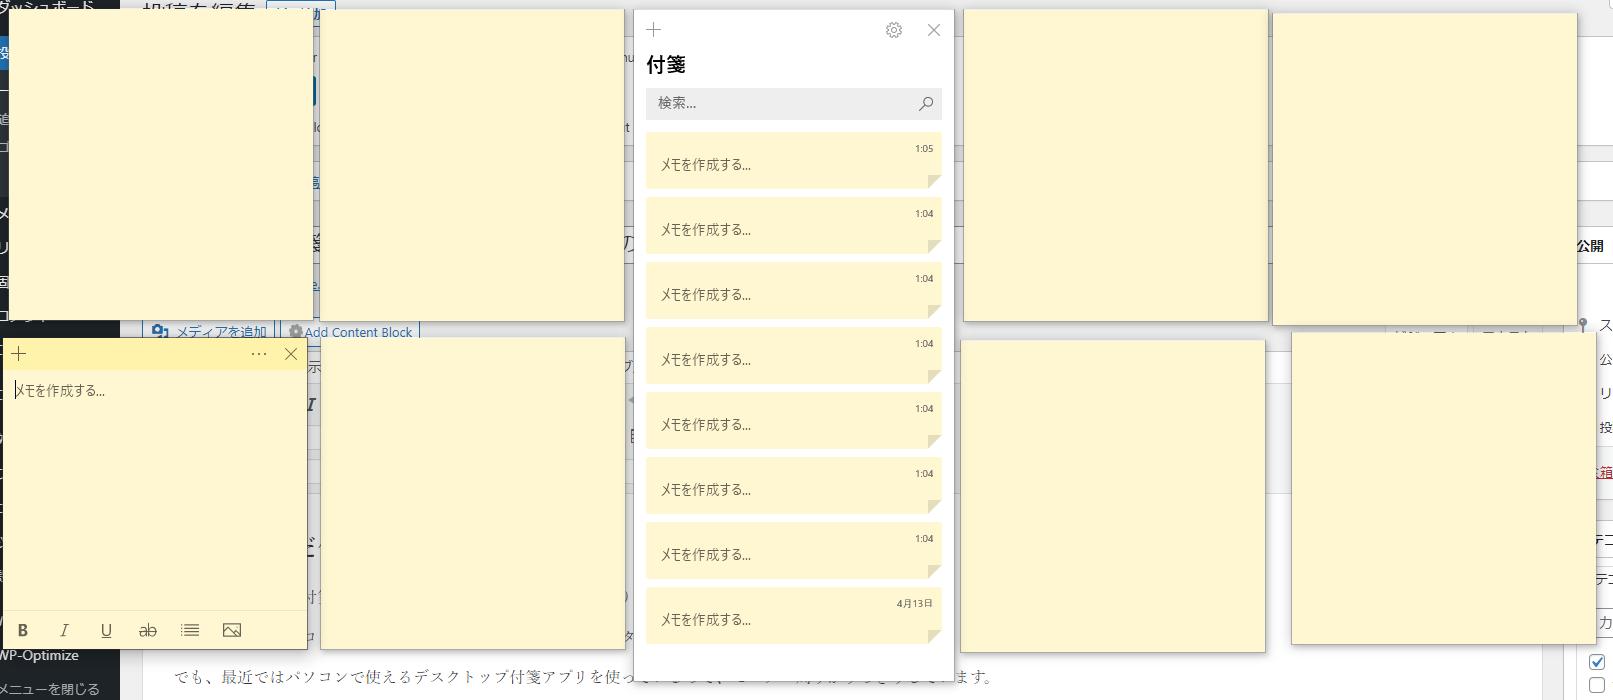 デスクトップ付箋アプリ